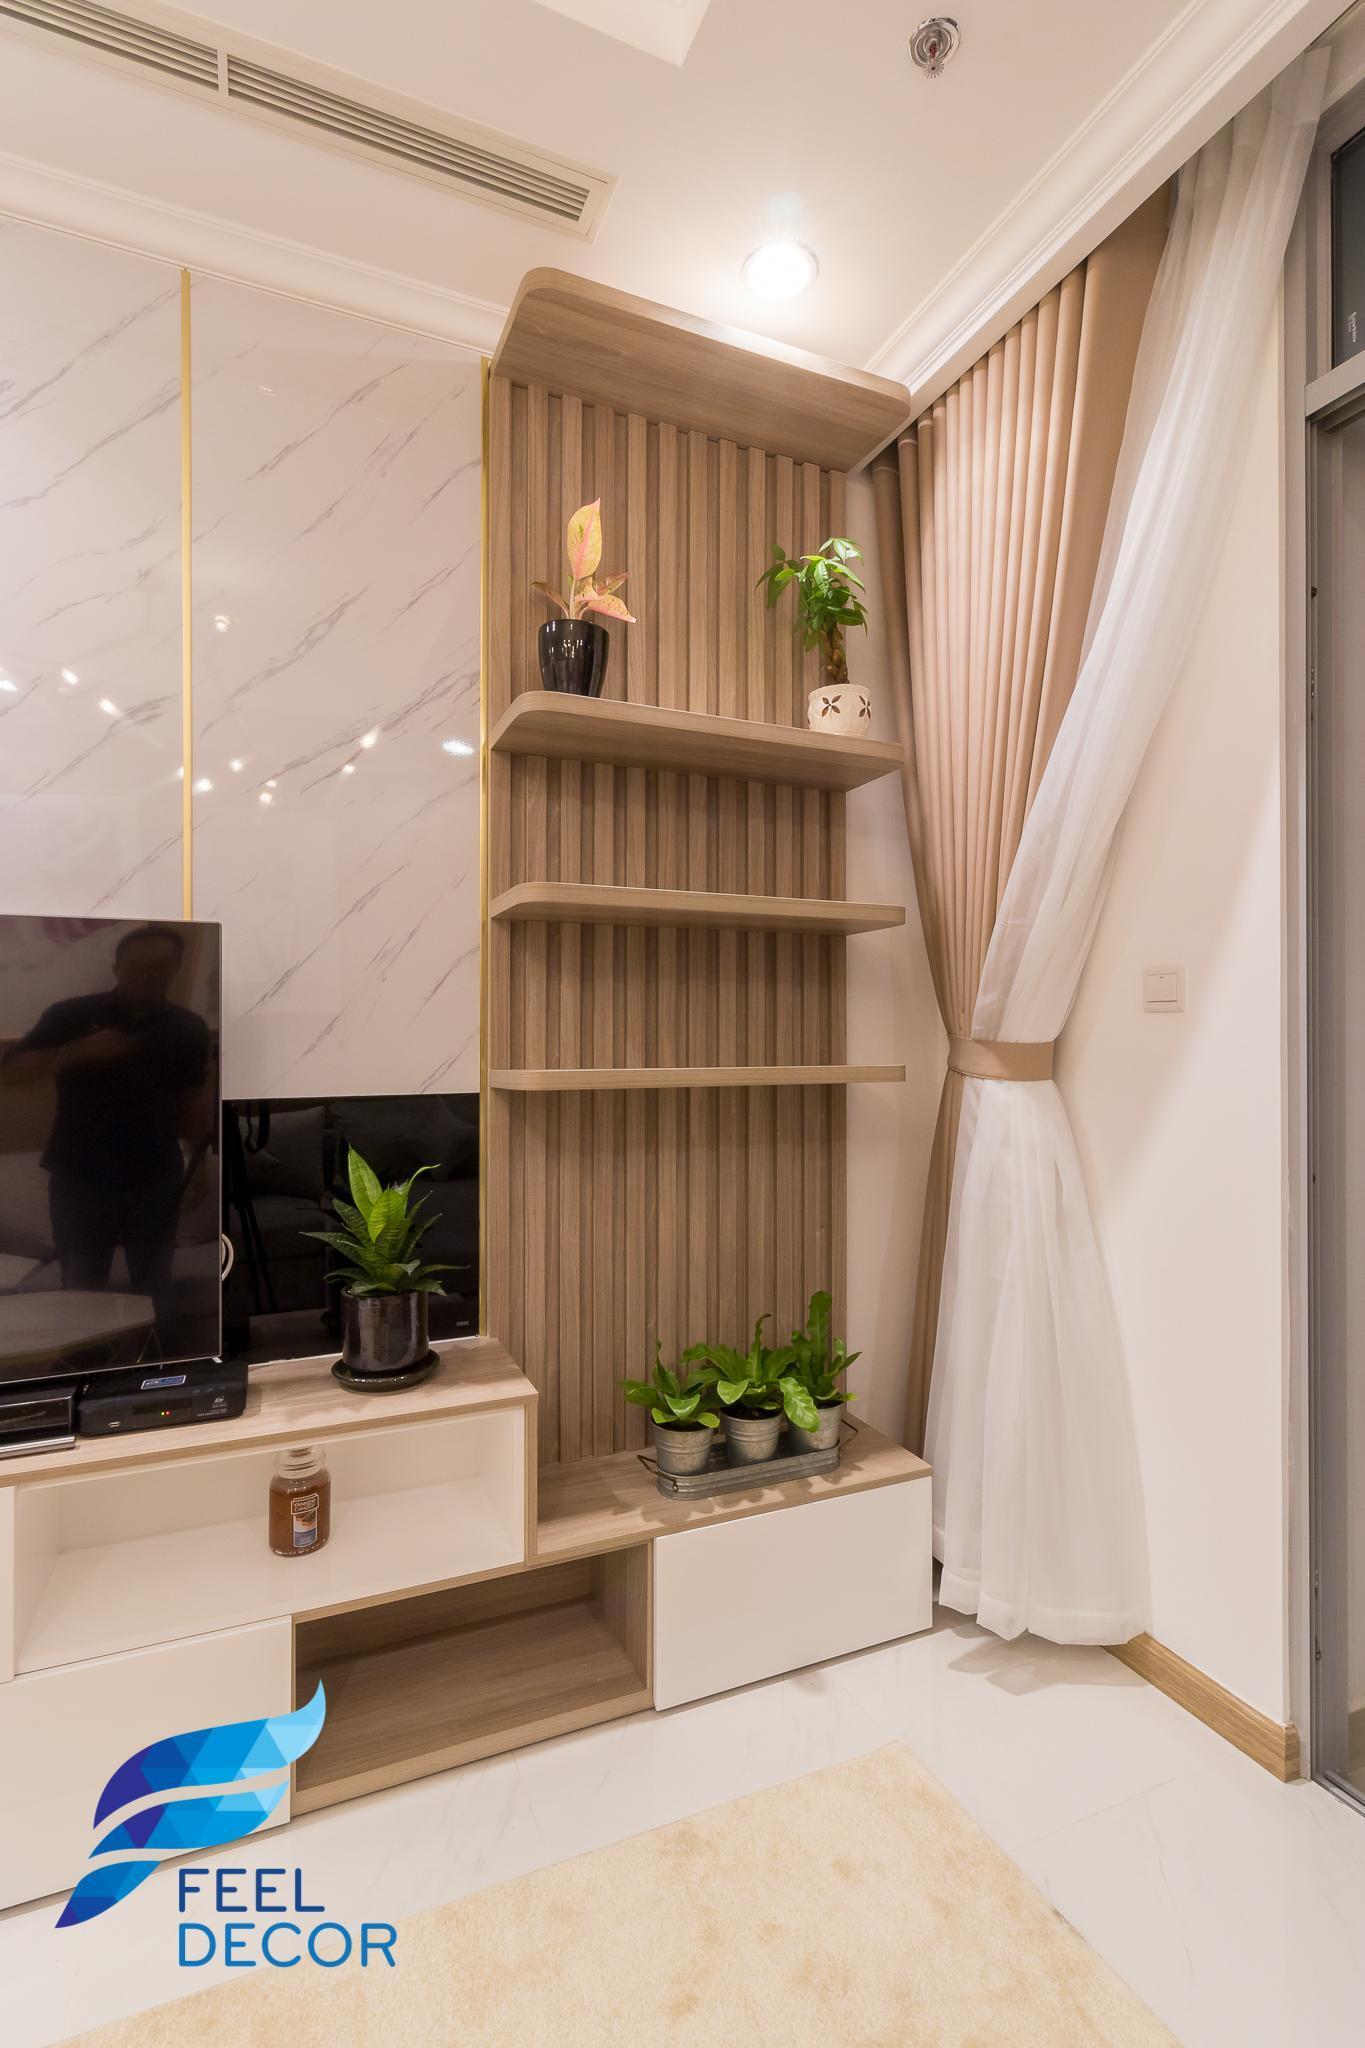 nội thất căn hộ 3 phòng ngủ hiện đại Vinhomes Central Park